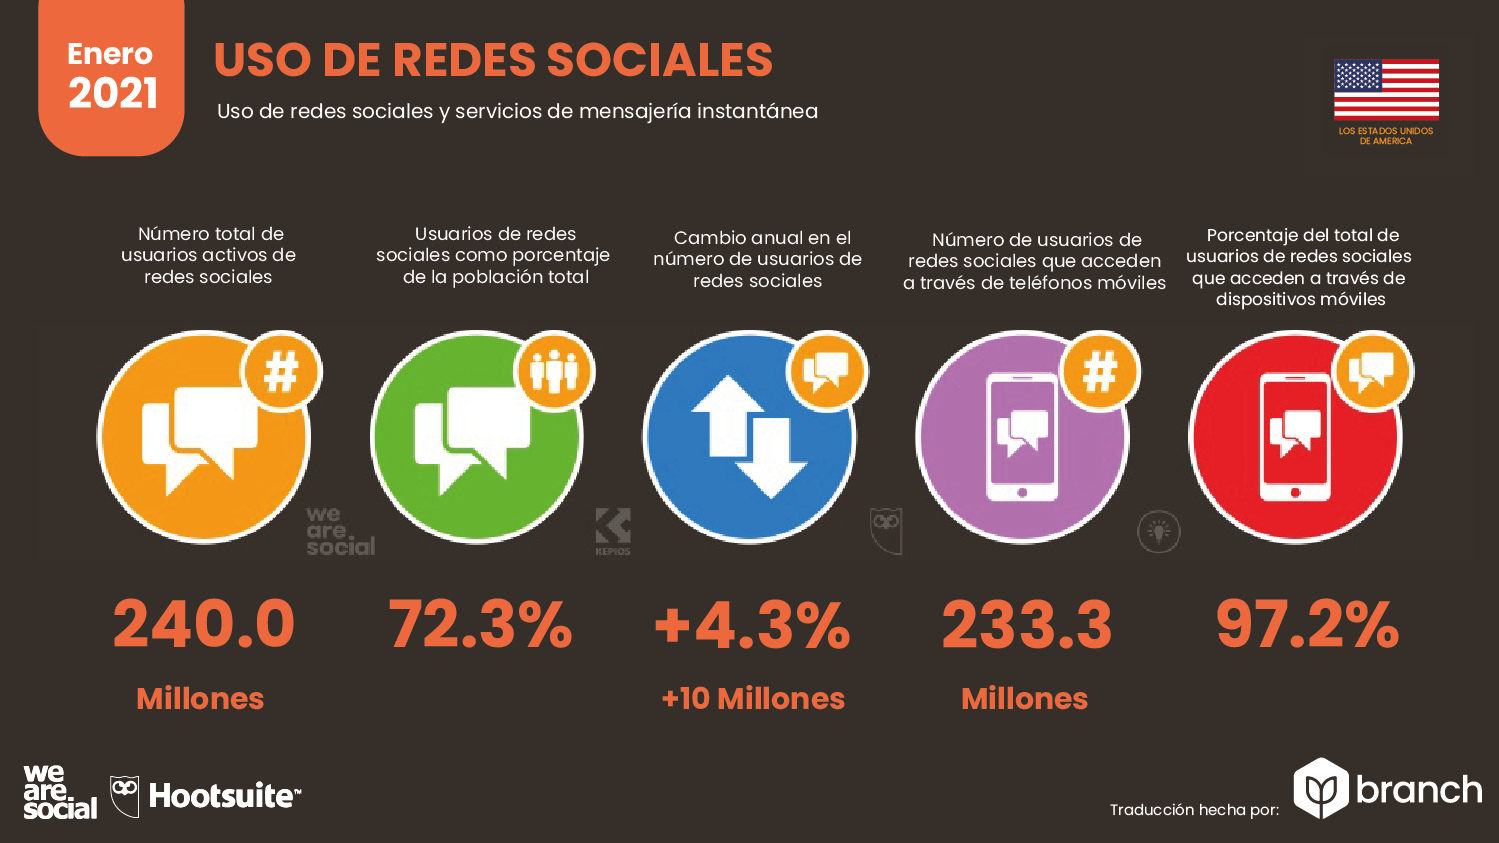 uso-de-redes-sociales-usa-2020-2021